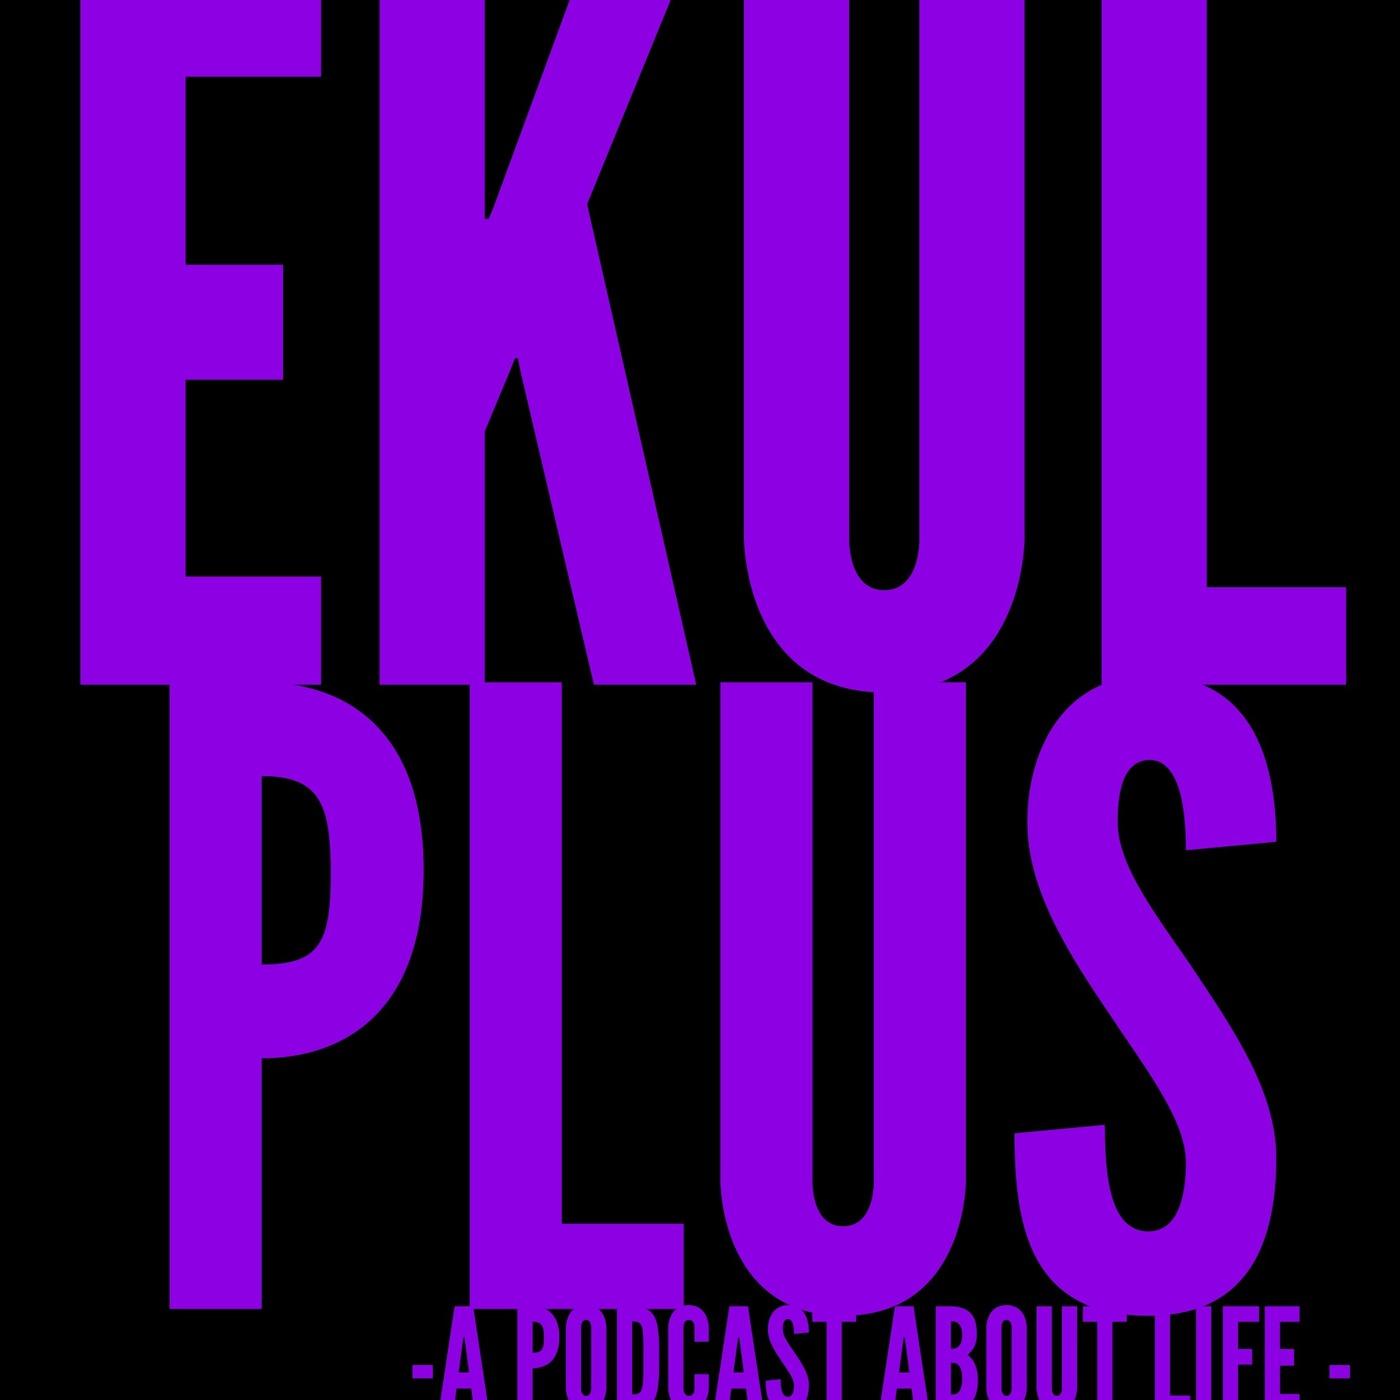 Ekul Plus